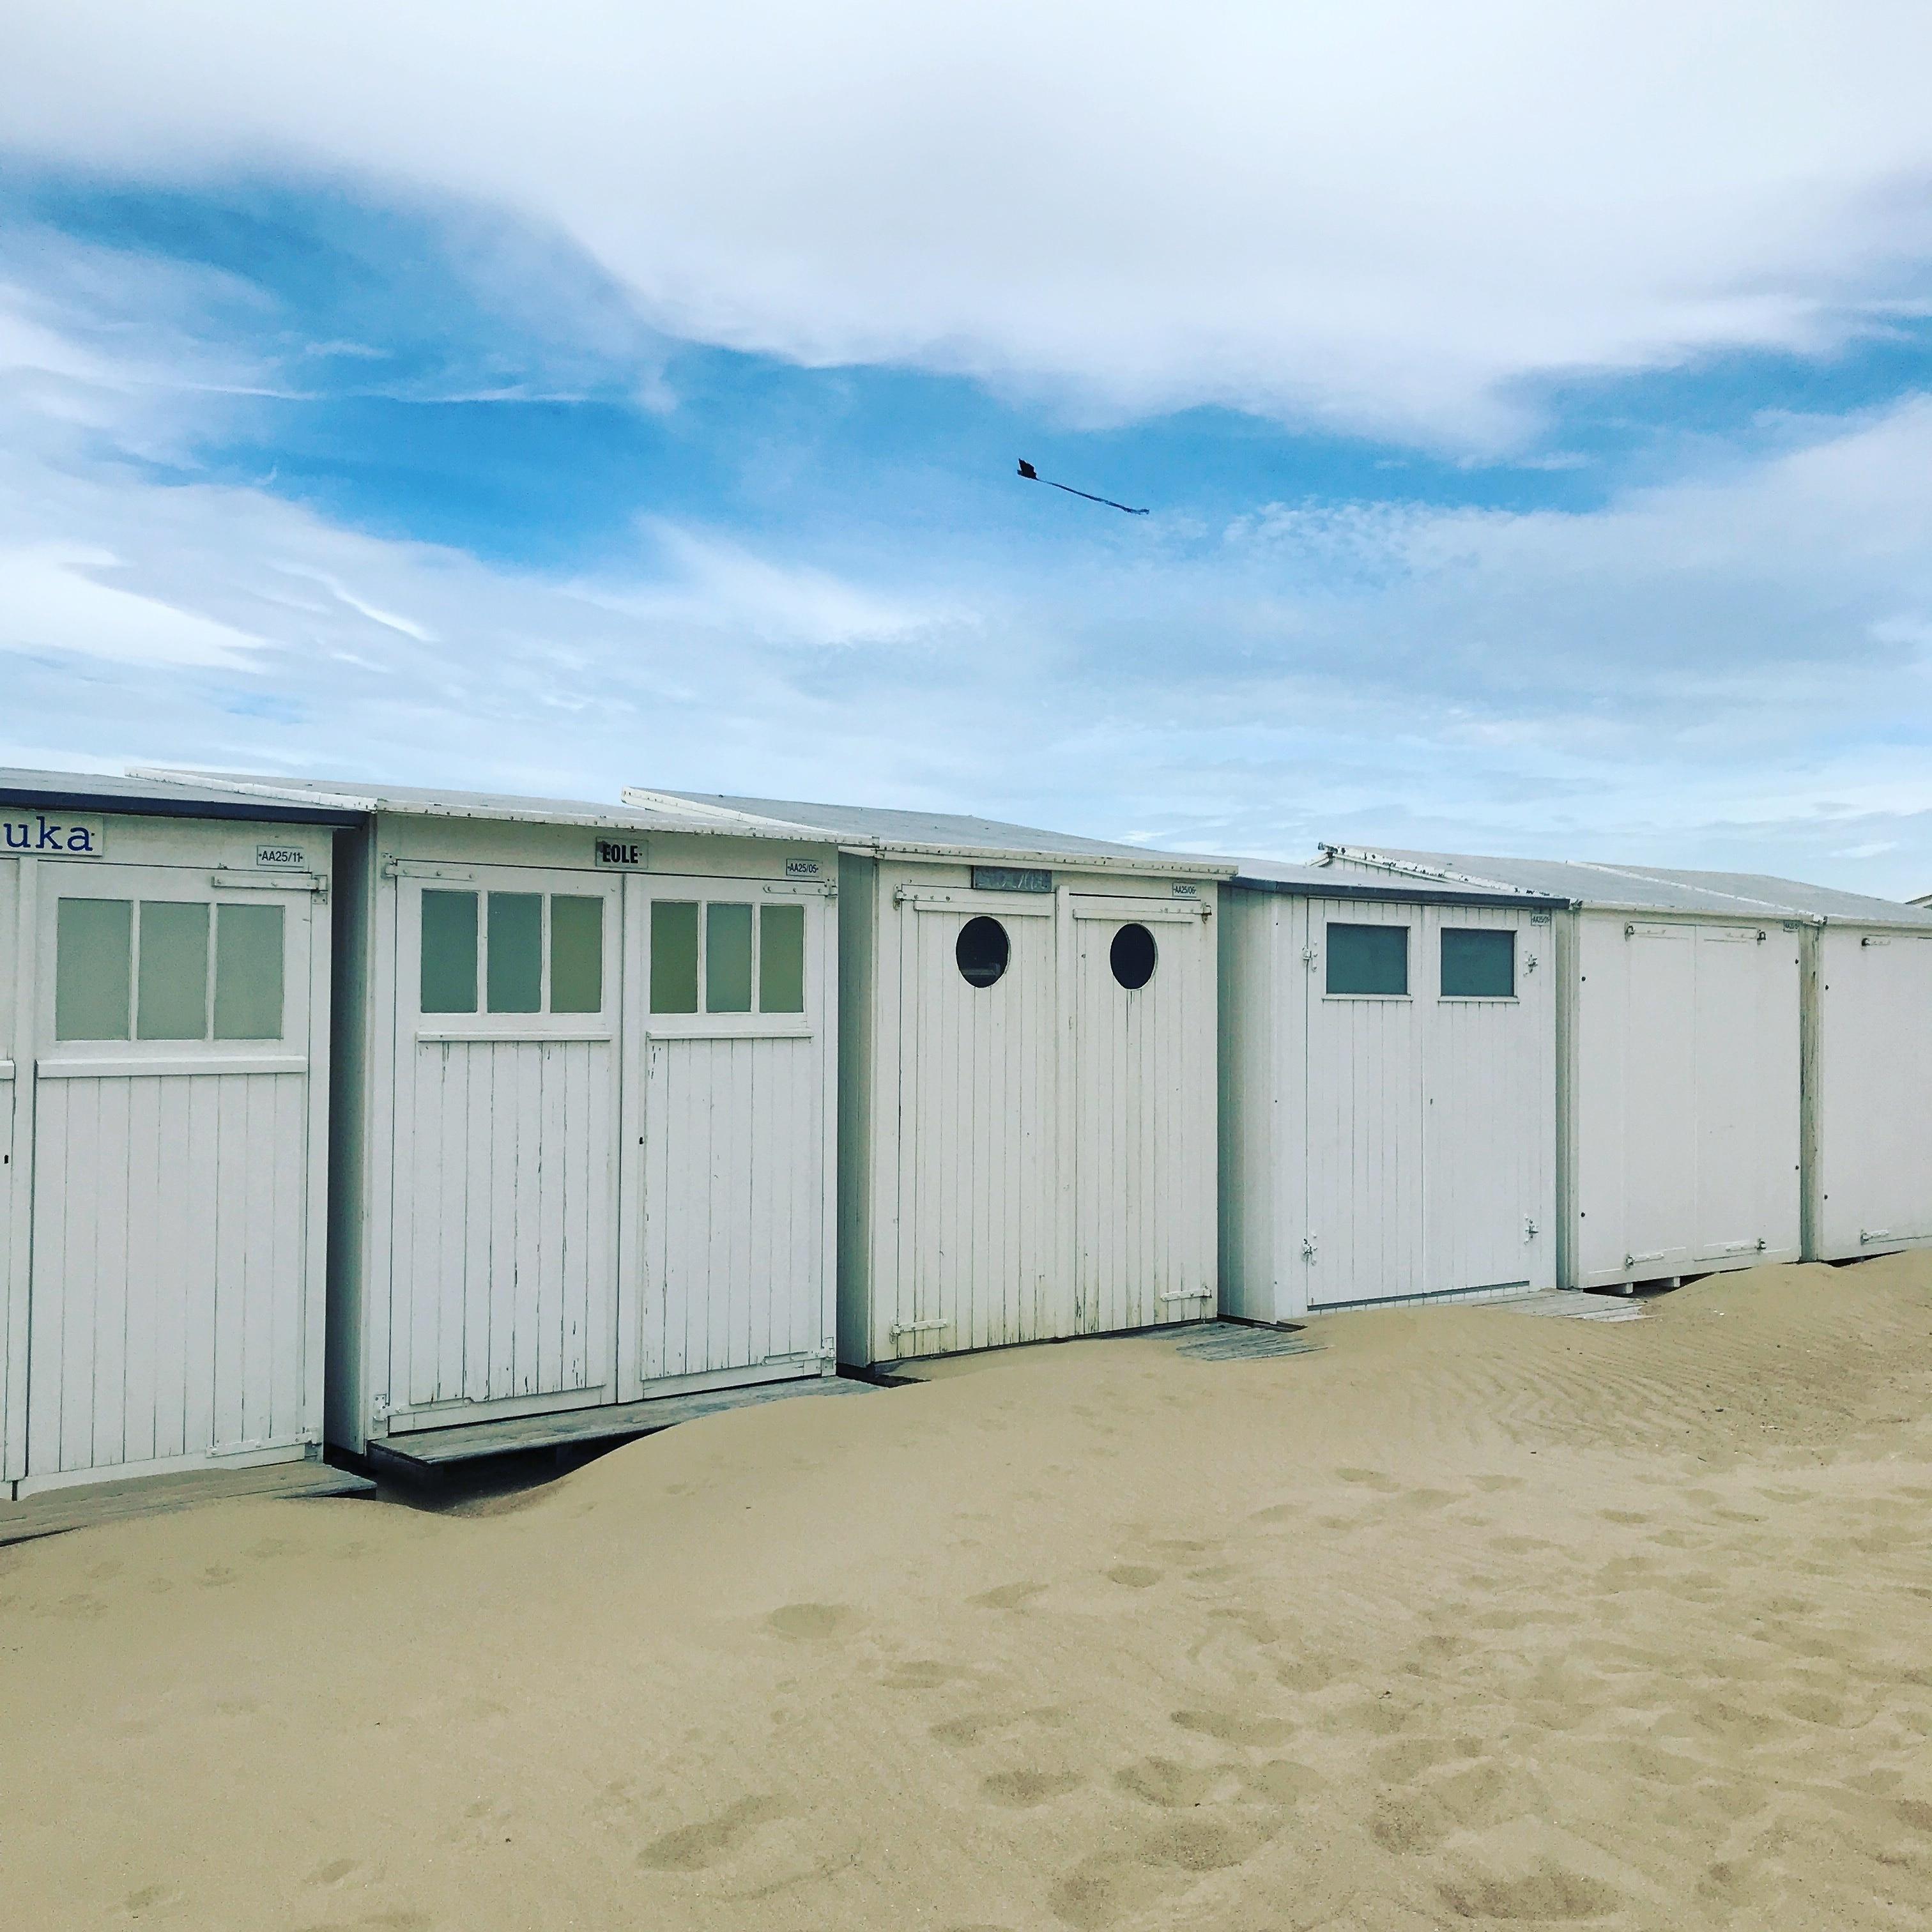 Knokke Heist-stranden, Knokke-Heist, Flandern, Belgien